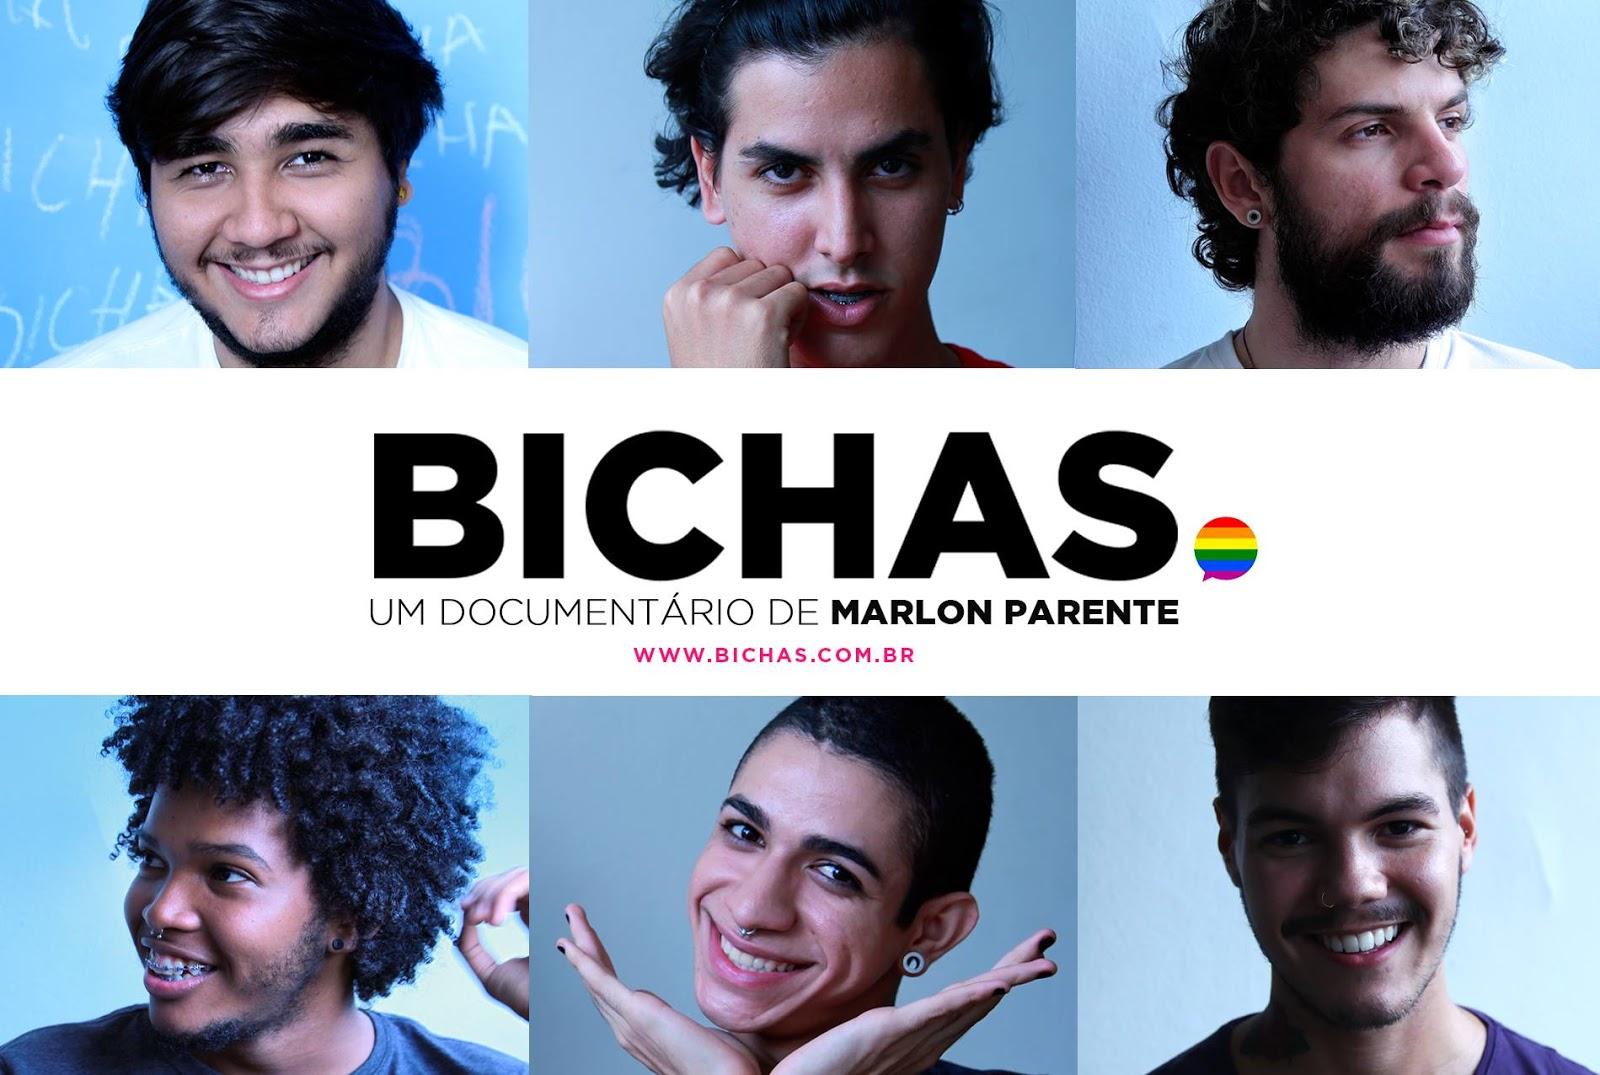 Documentário pernambucano 'Bichas' repercute nas redes sociais e faz sucesso